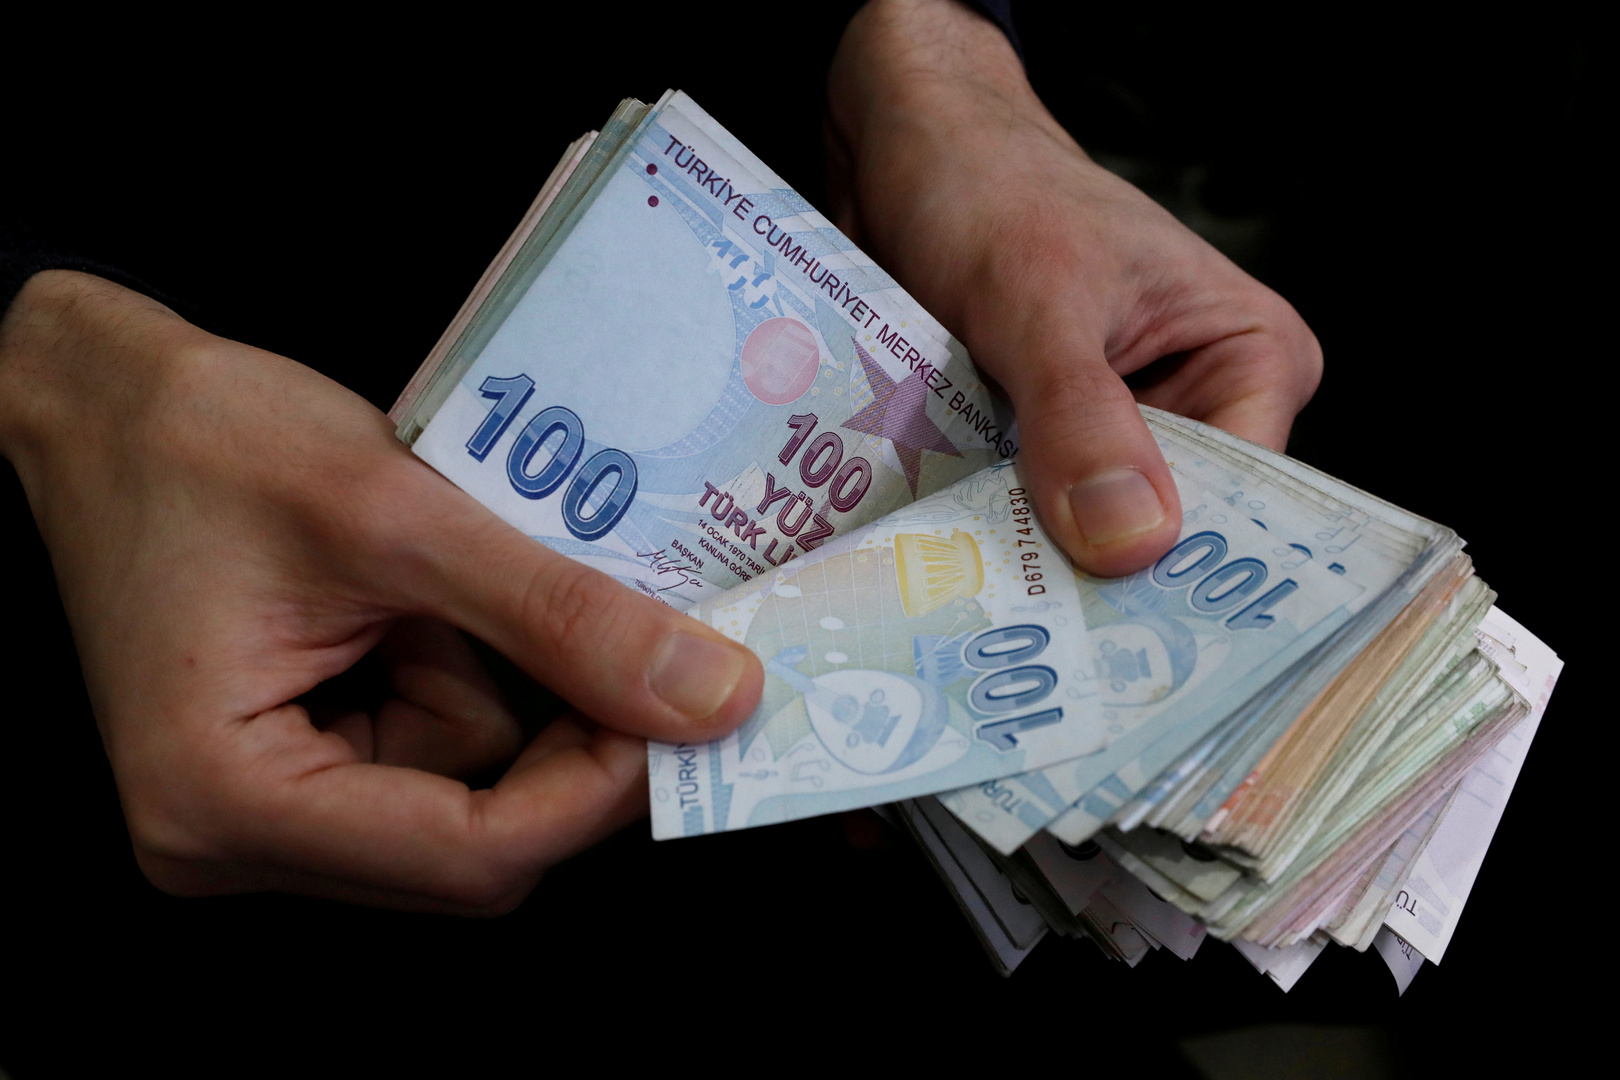 أوراق نقدية من العملة التركية